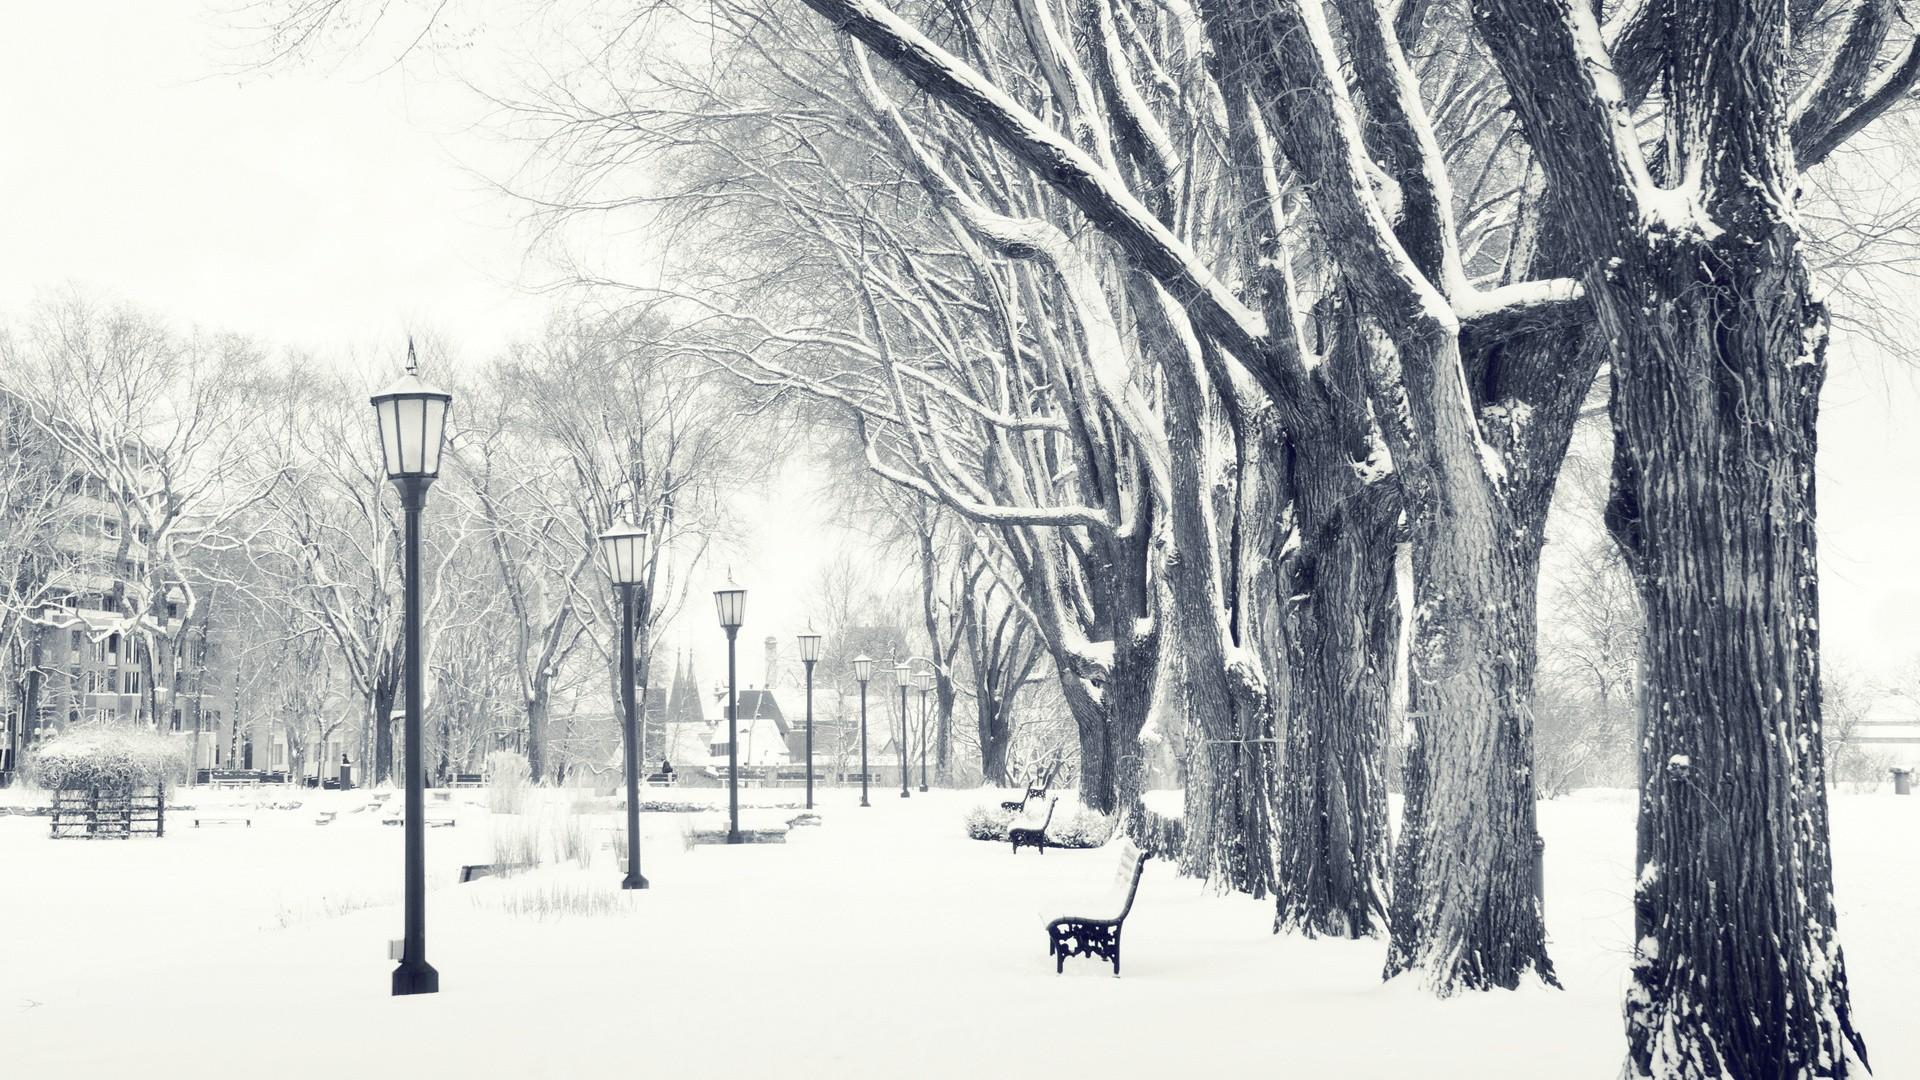 Snowy Trees Wallpaper HD